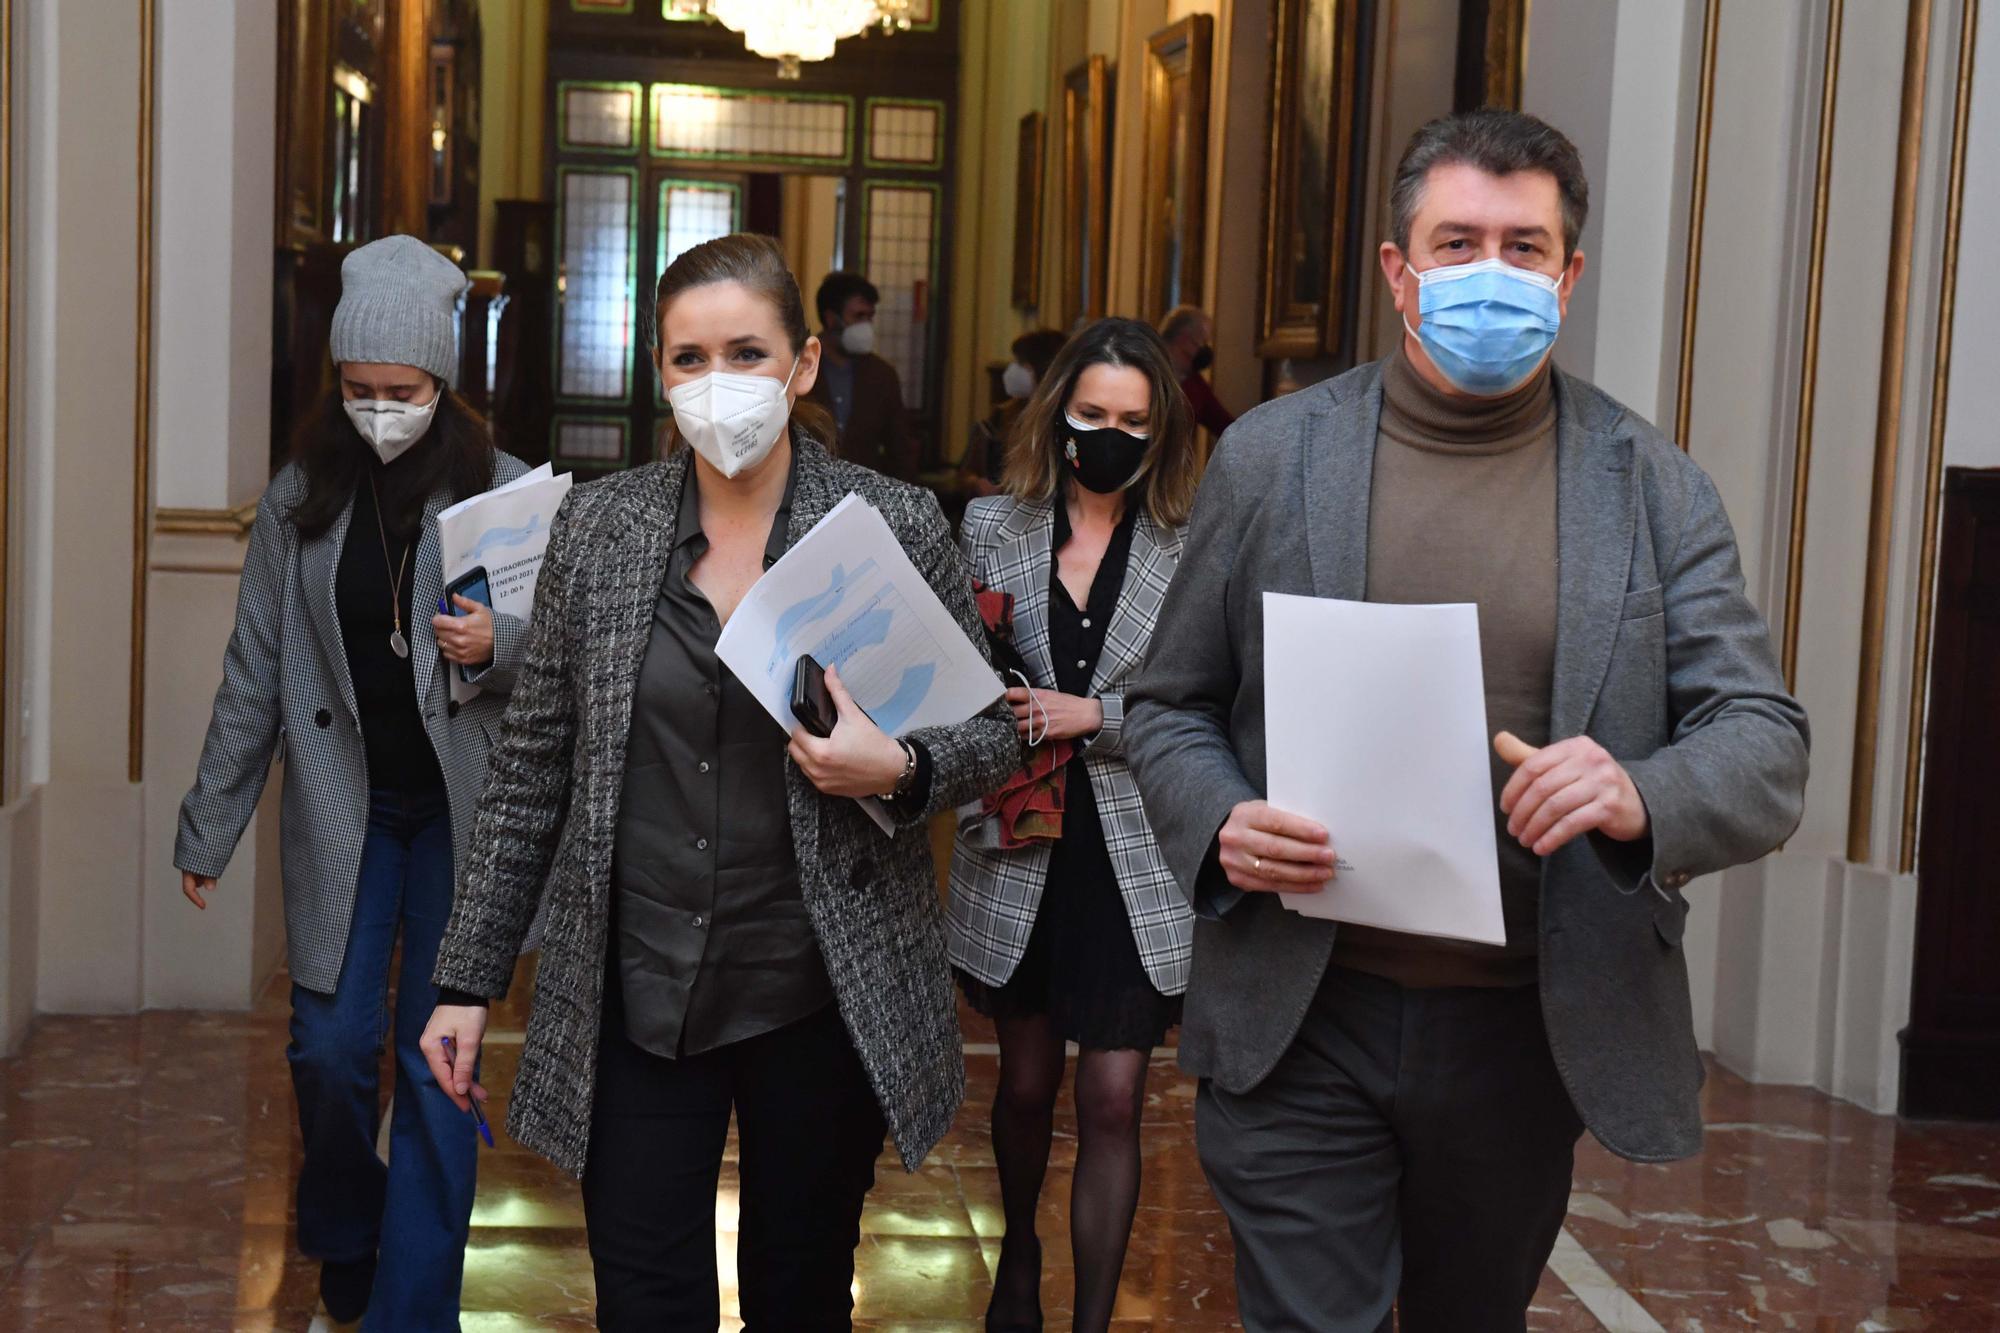 El Pleno aprueba el convenio de la ampliación del hospital con los votos a favor de PSOE y PP